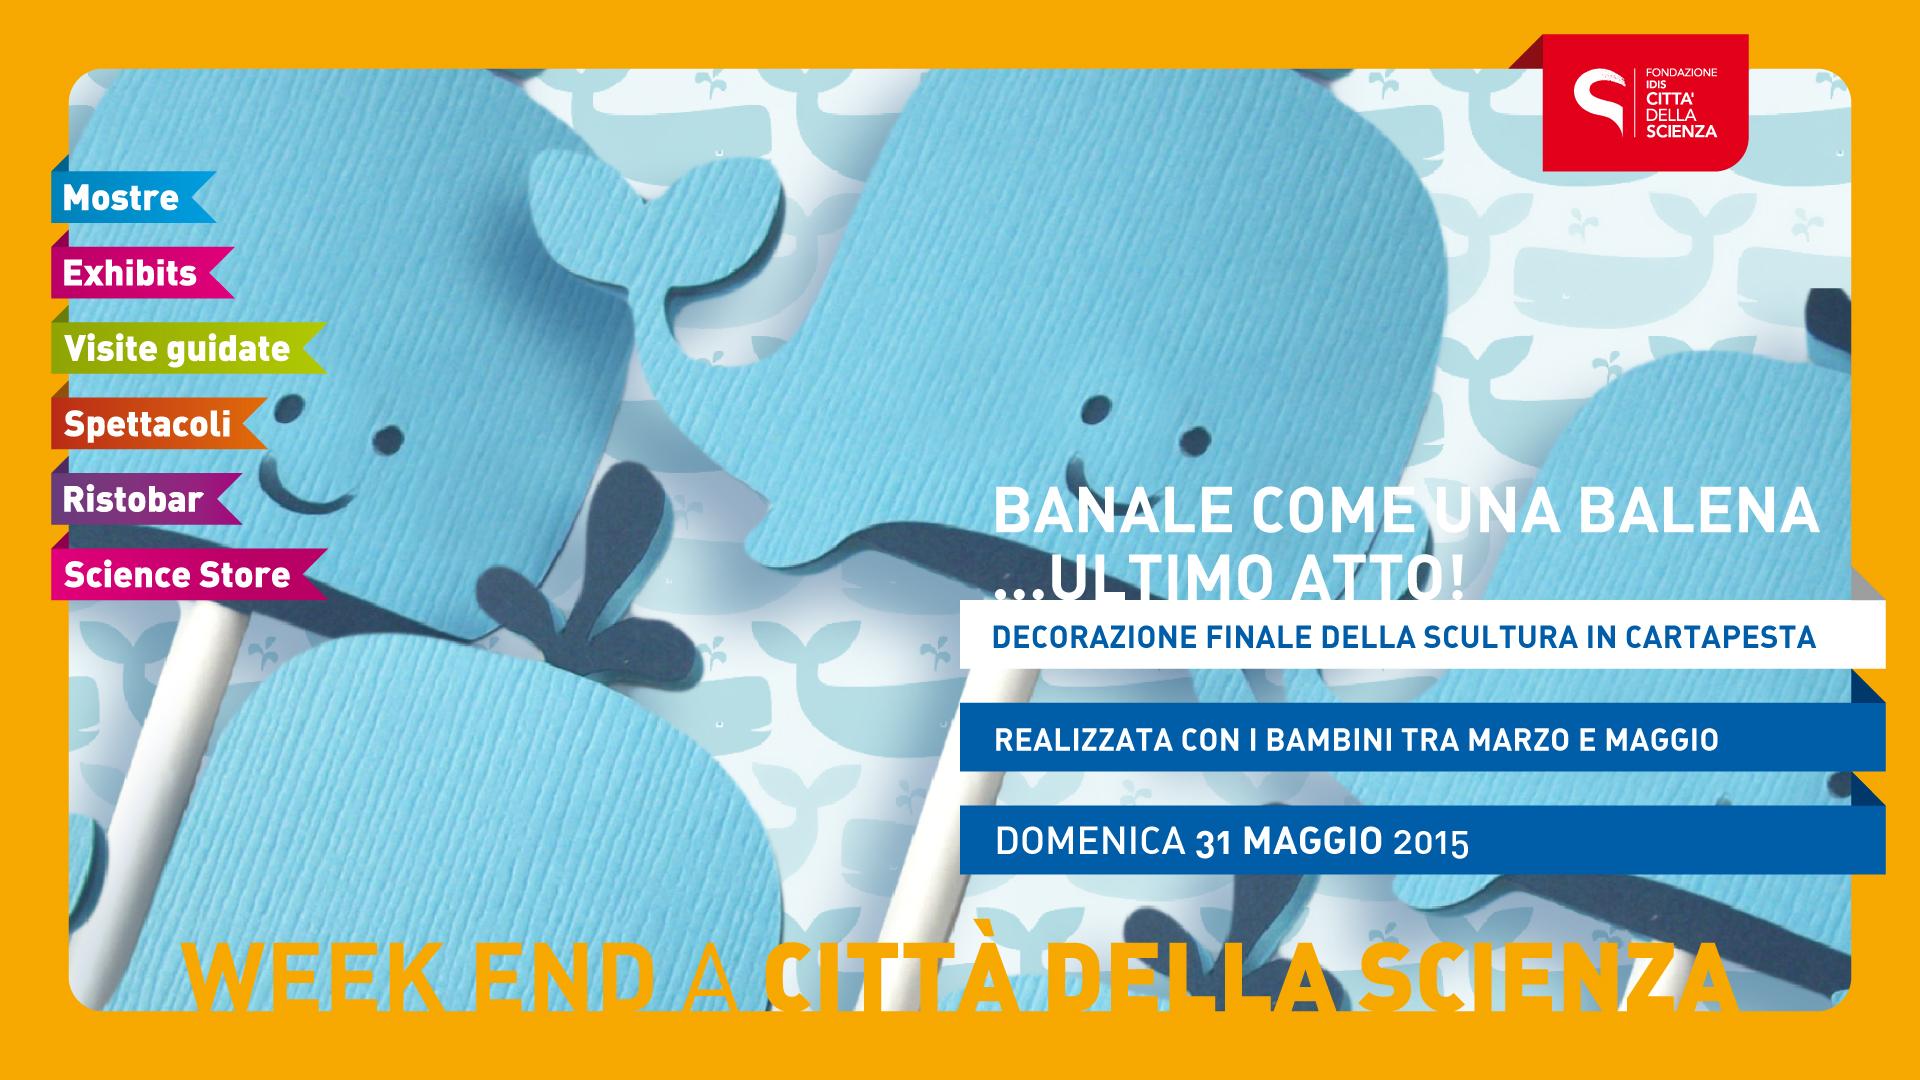 BANALE_BALENA1920x1080